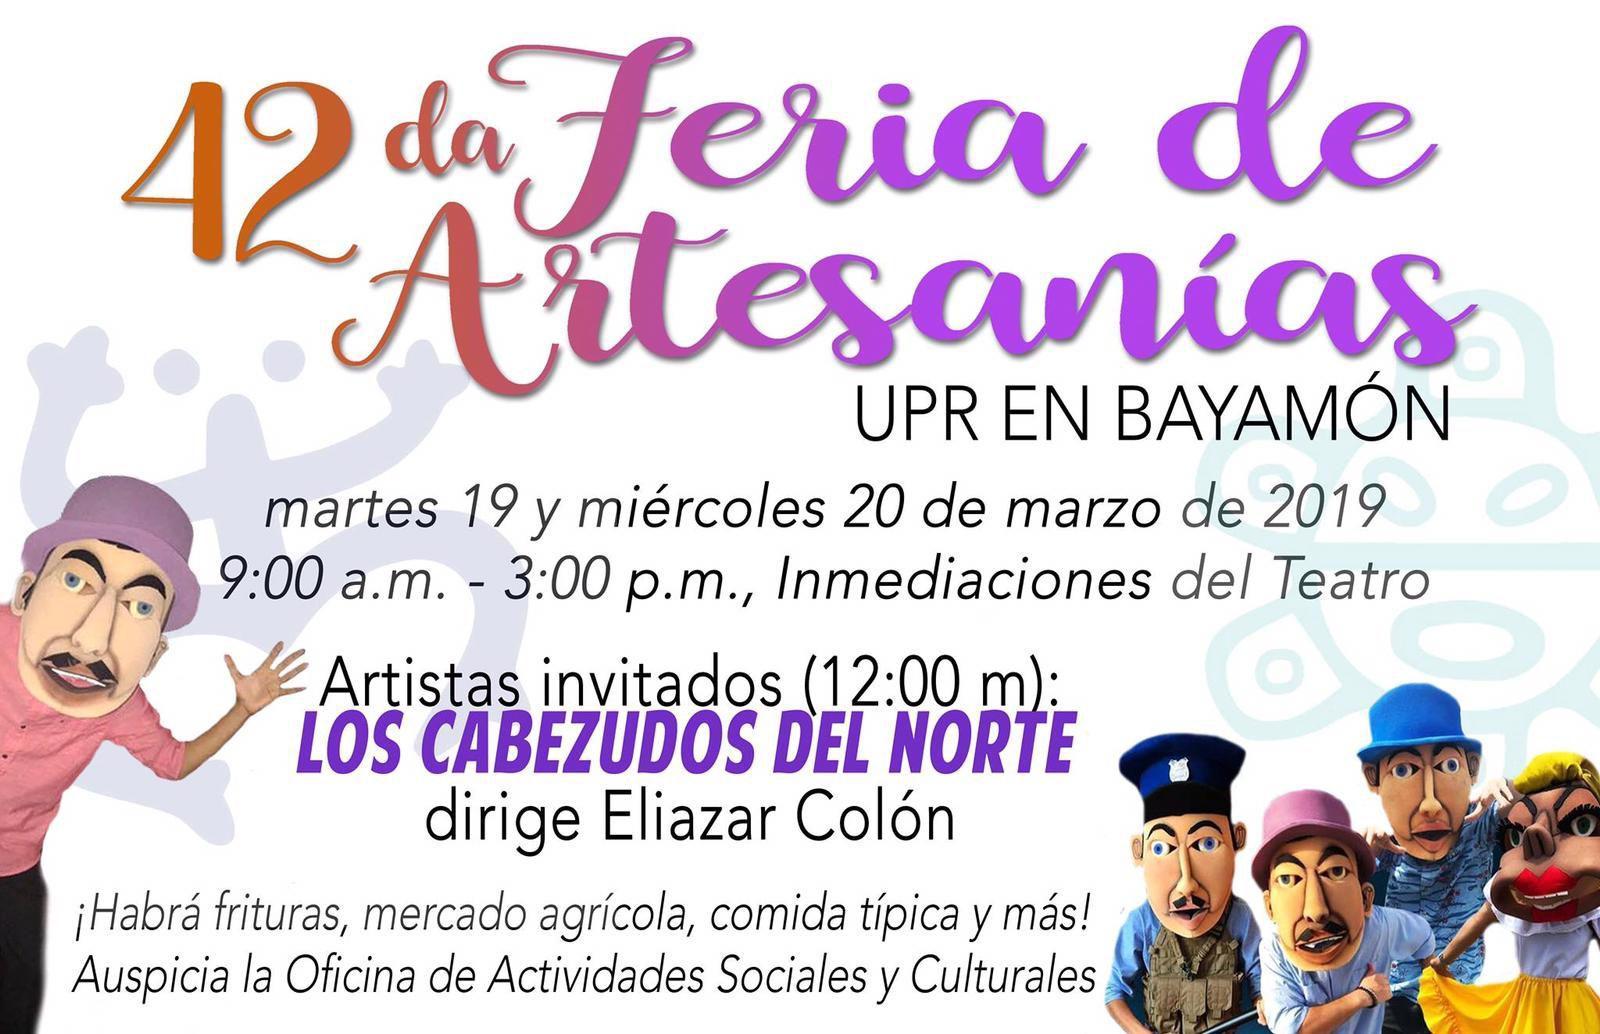 la Universidad de Puerto Rico en Bayamón (UPRB) celebrará su tradicional Feria de Artesanías el 19 y 20 de marzo de 2019